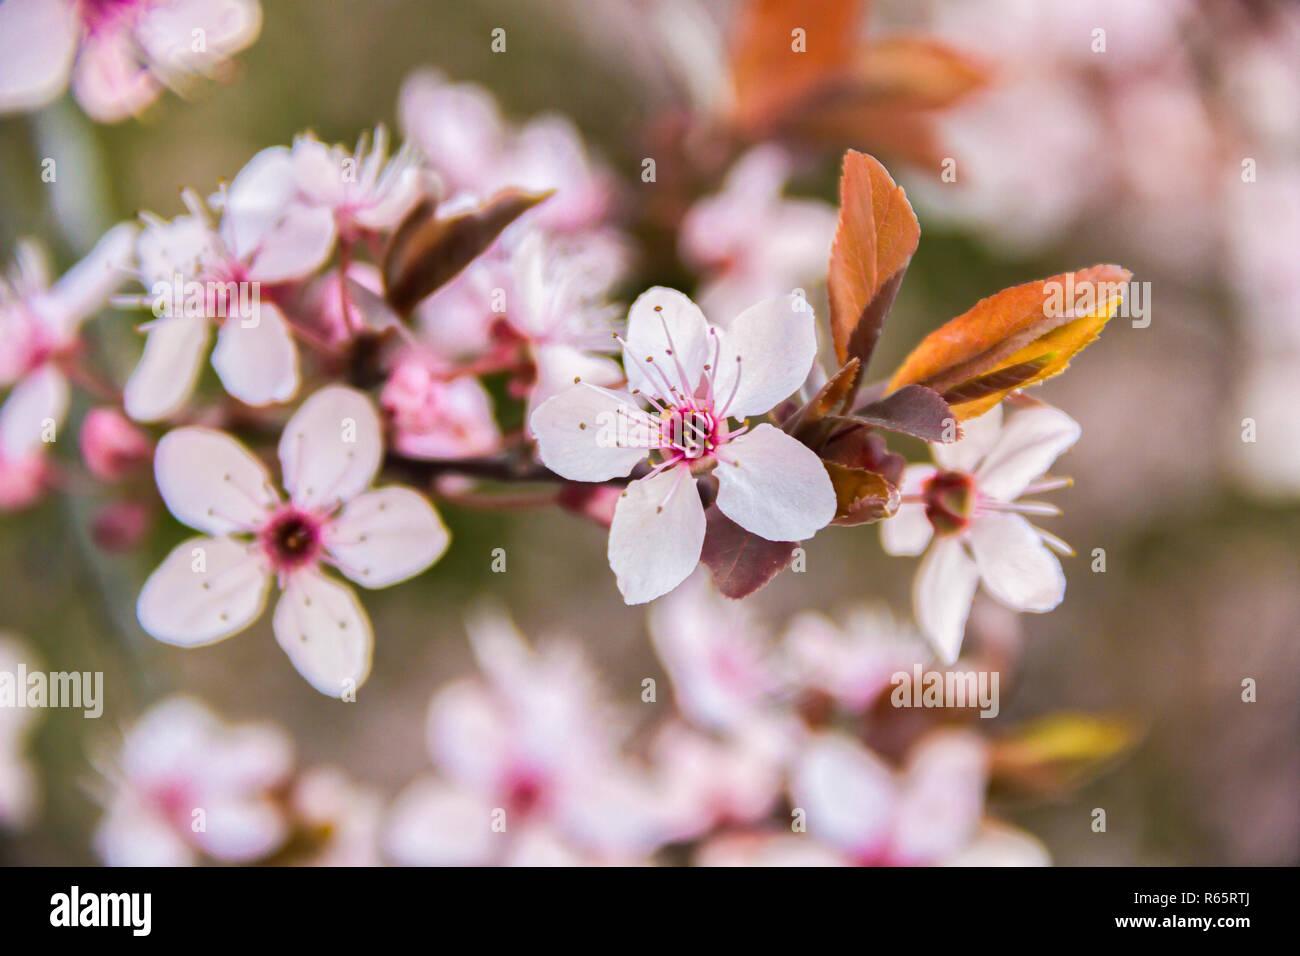 La molla Cherry Blossoms su un ramo di fiori di rosa, sul verde naturale o sfondo cielo Foto Stock